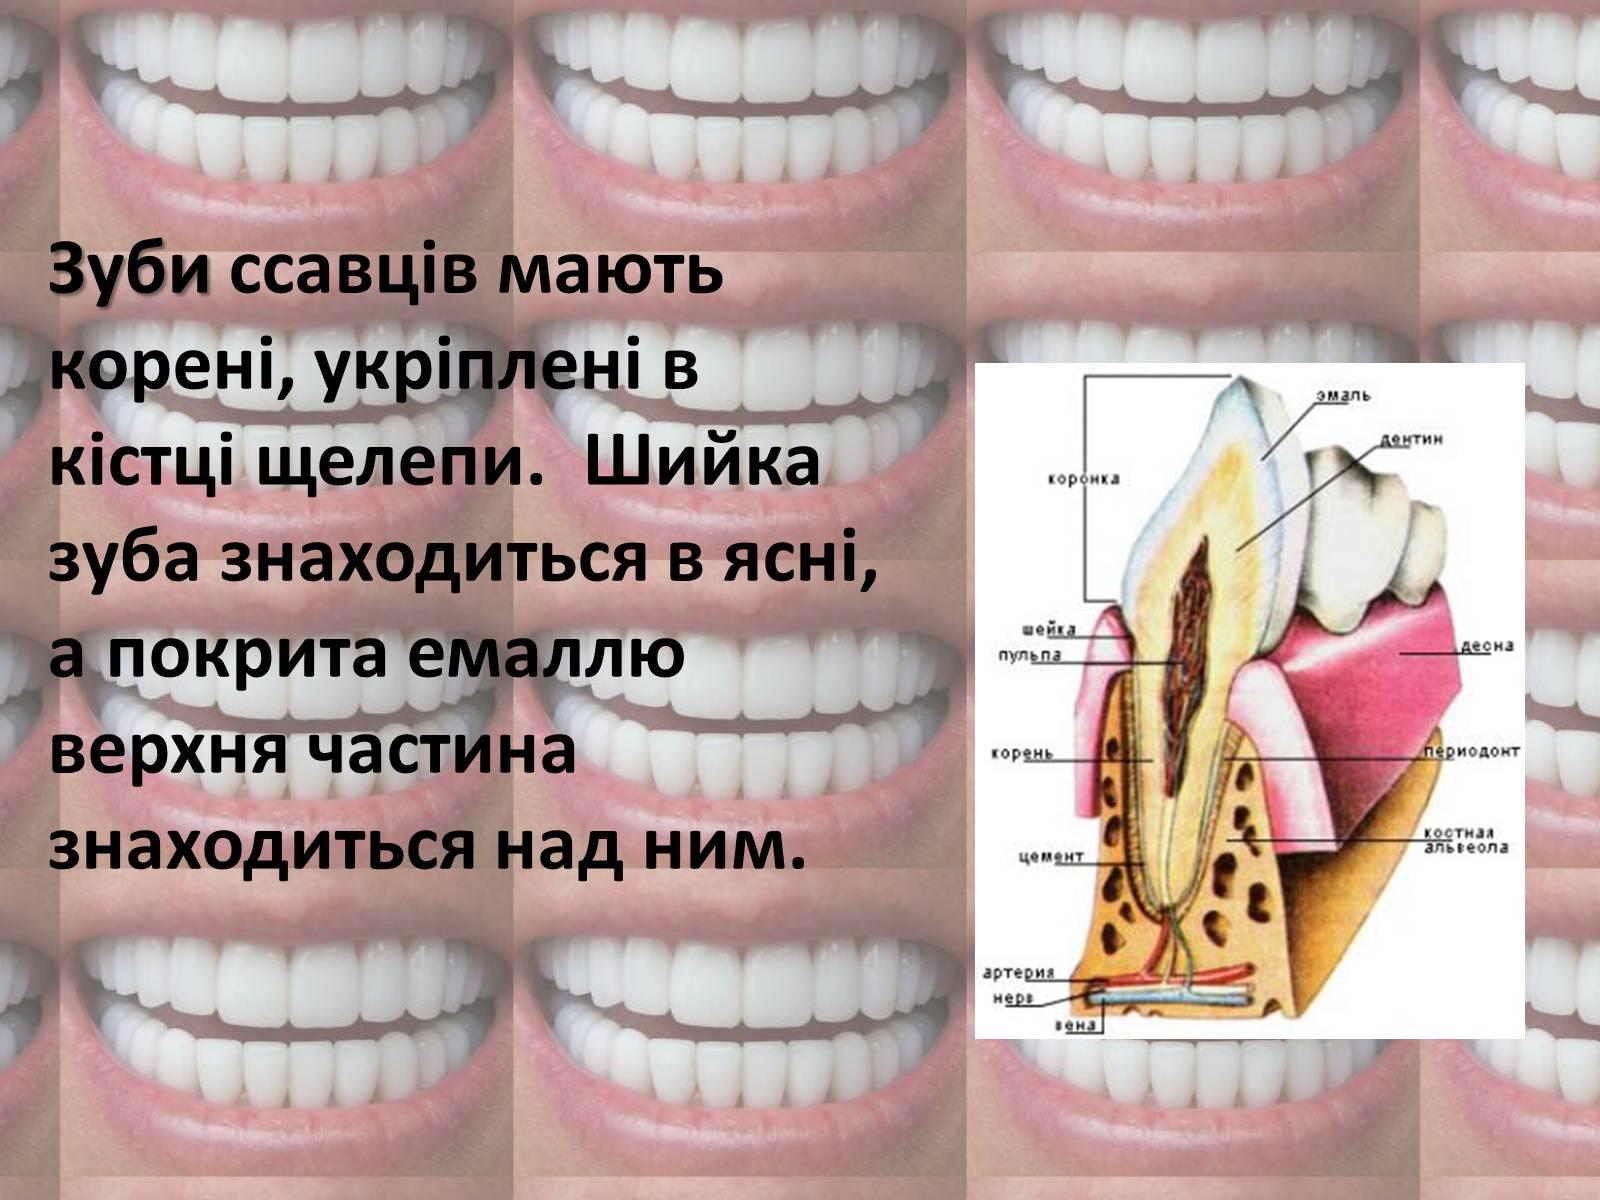 Презентація на тему Зуби (варіант 2) — презентації з біології  5dc2807872f46